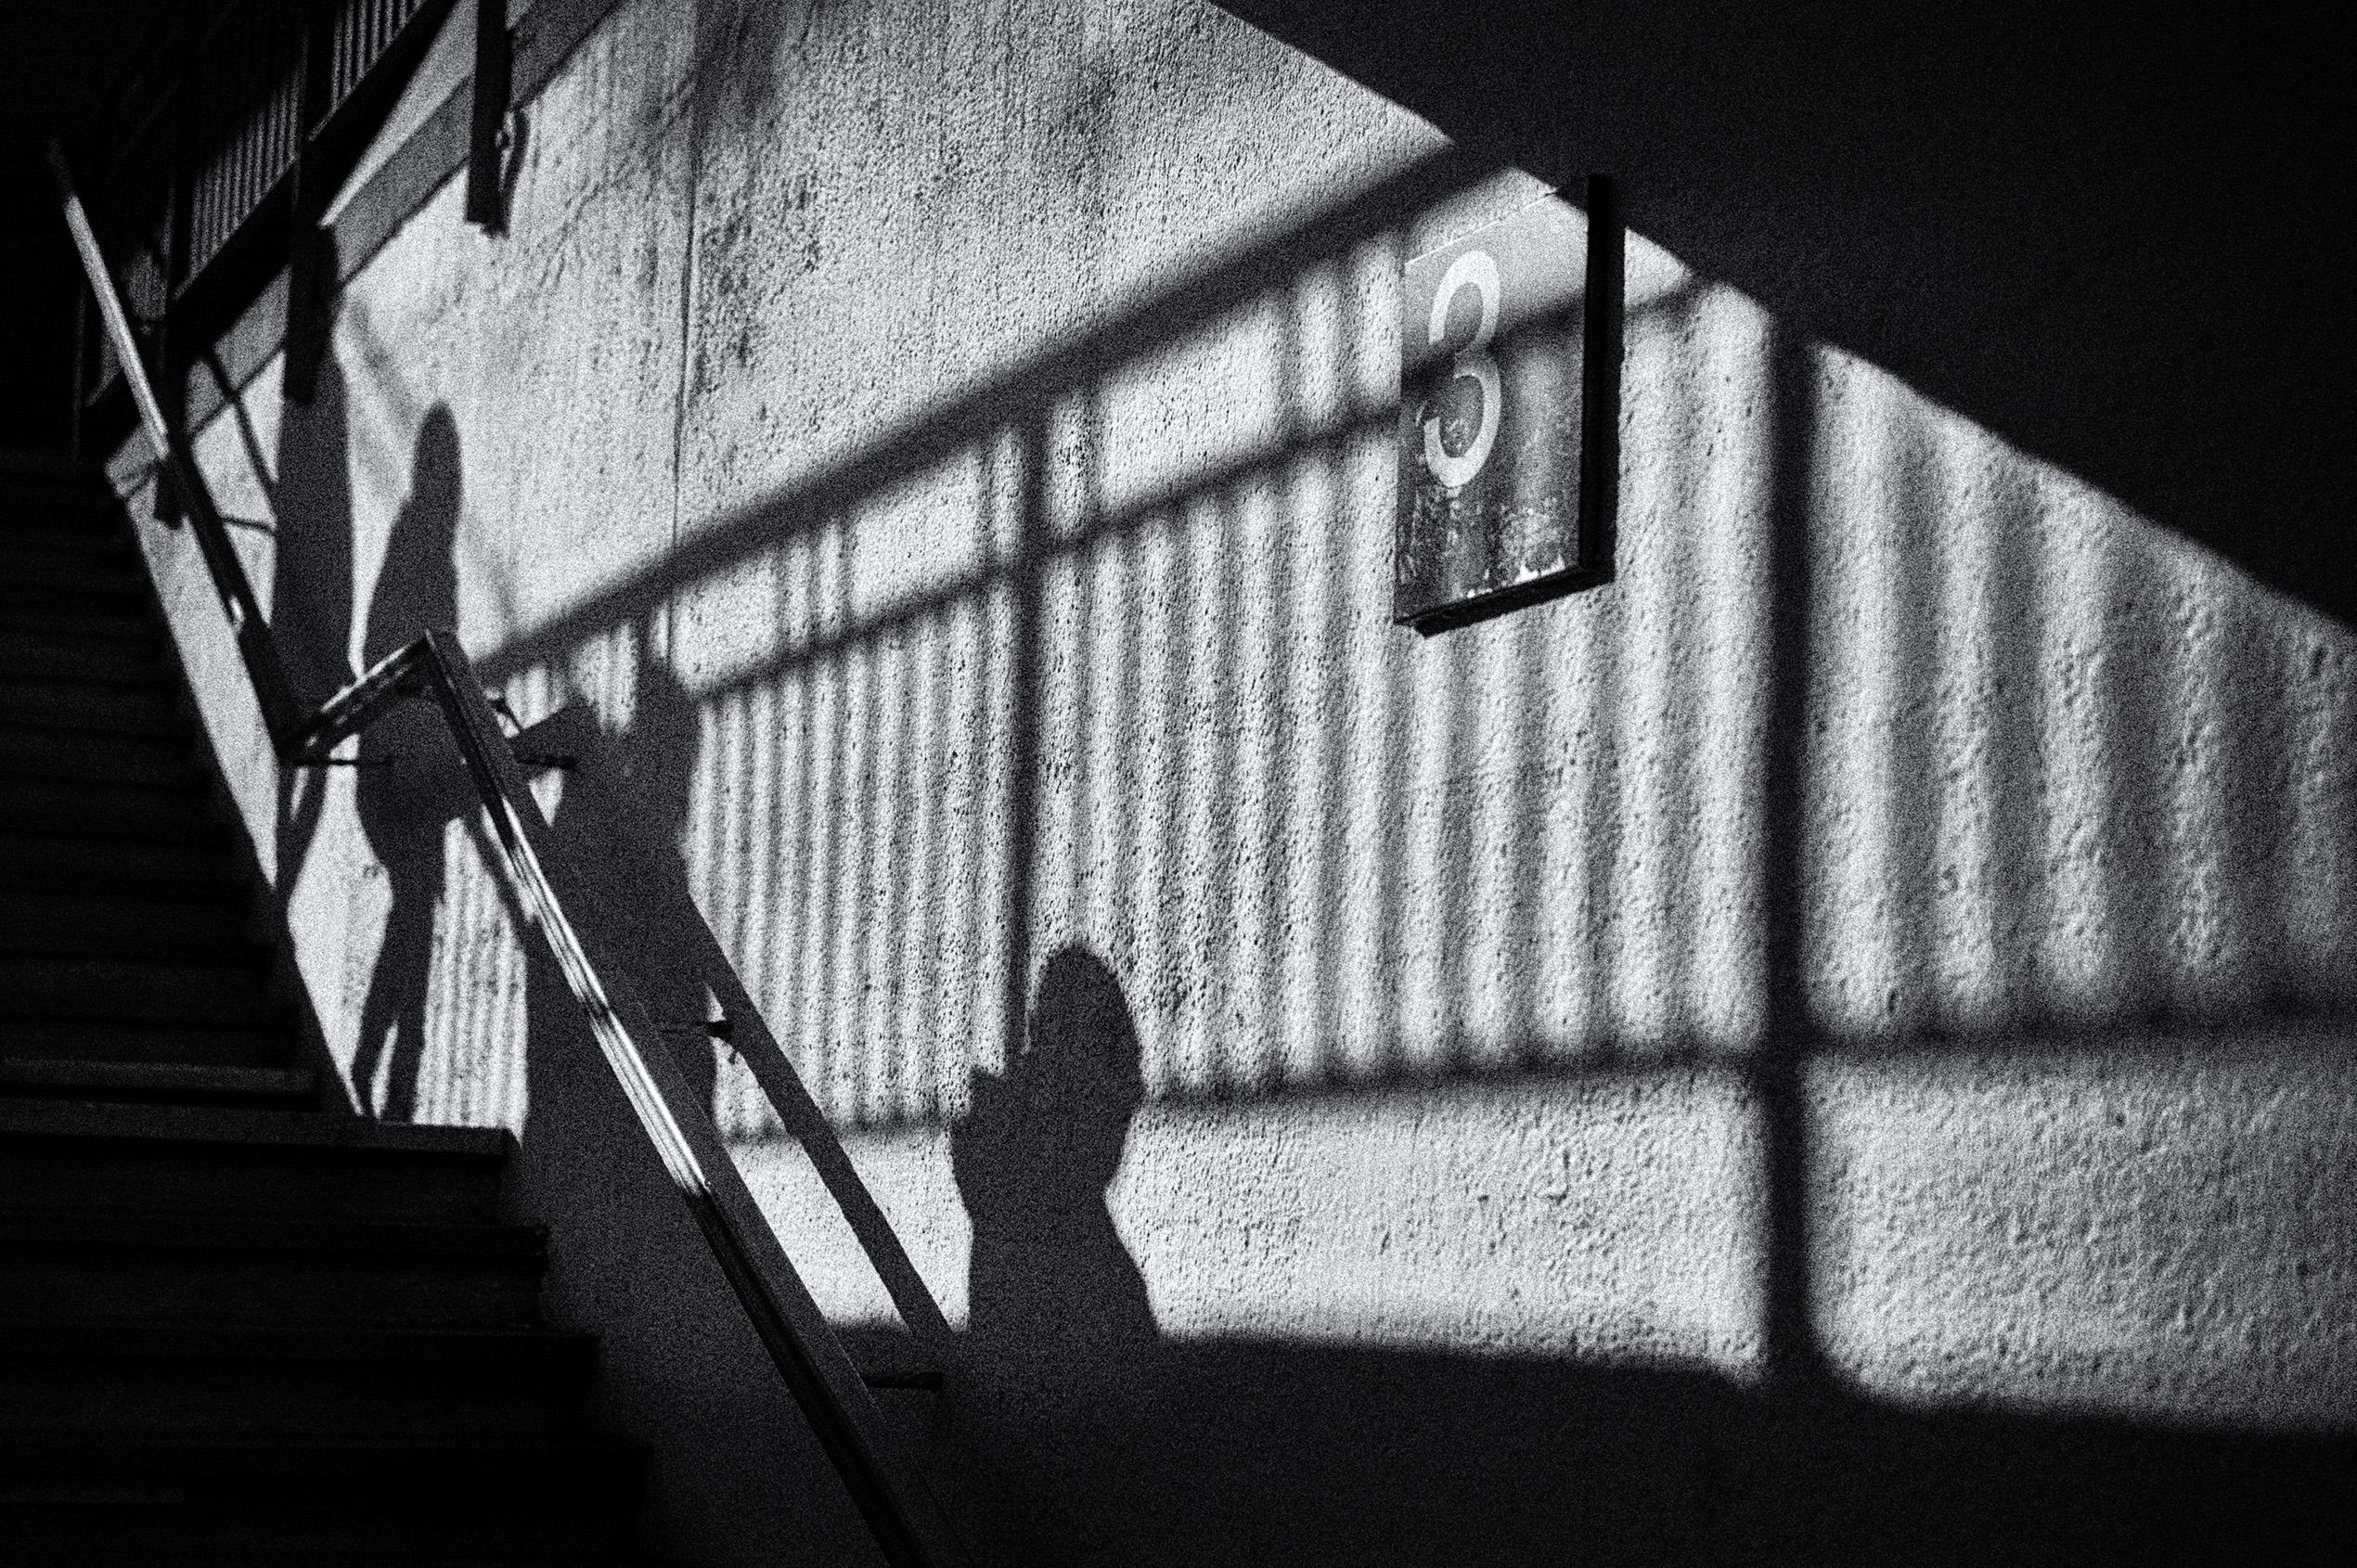 2015-11-05-Weinheim-L1003783 by Roger Schäfer.